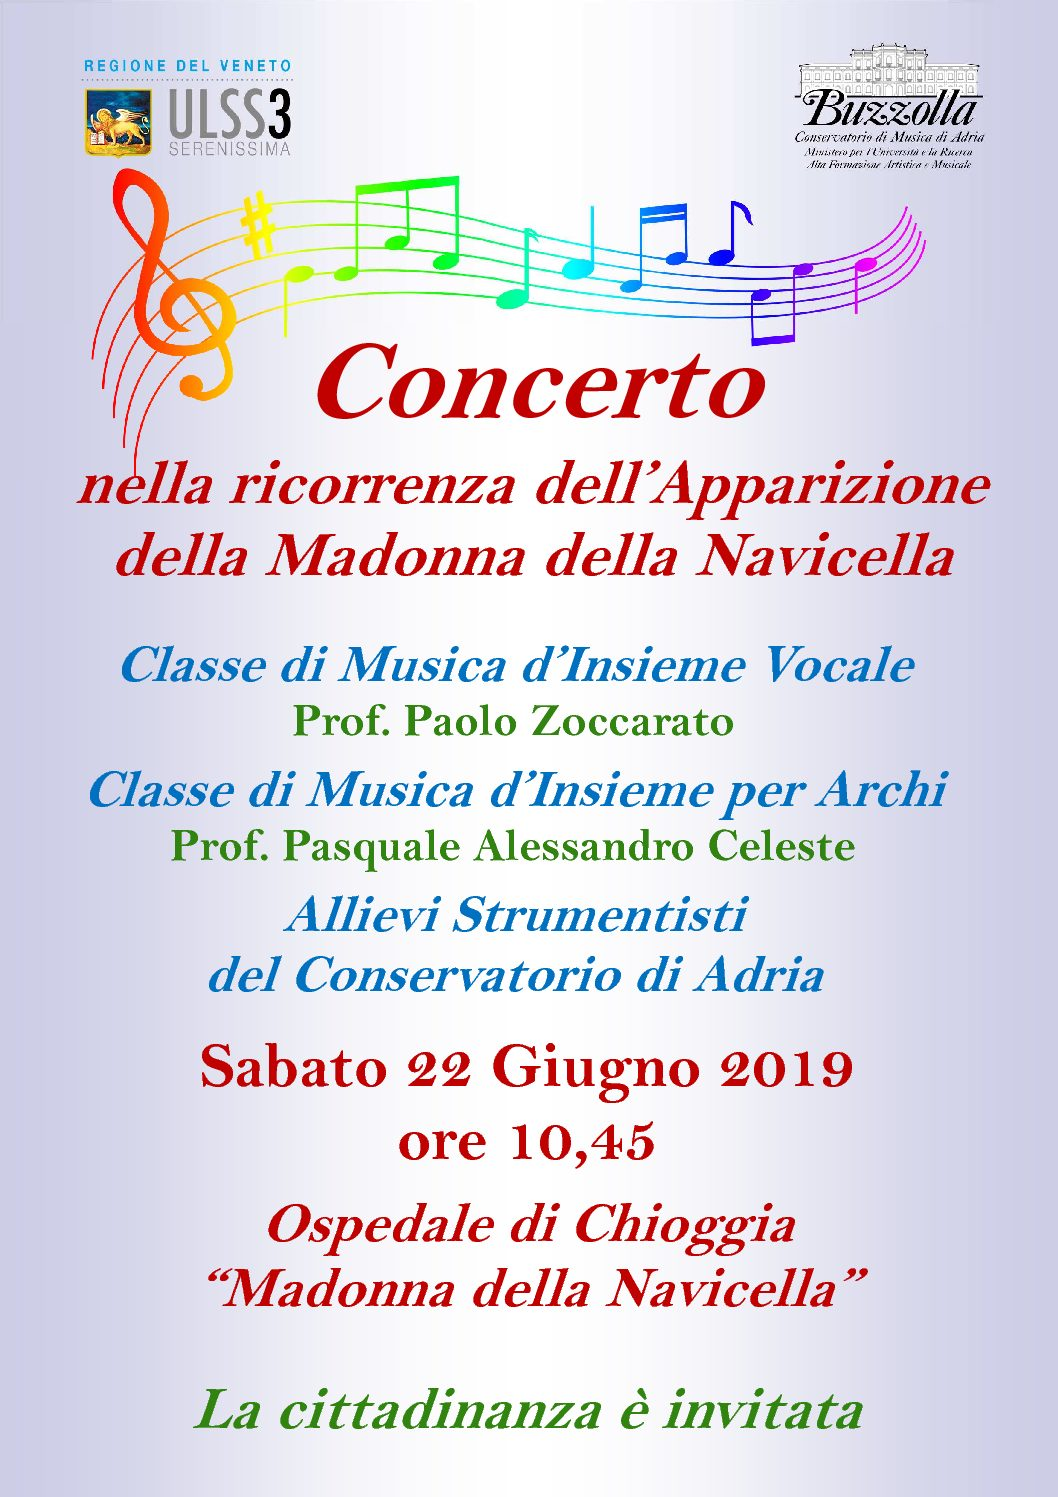 22 giugno 2019, ore 10.45 – Chioggia – Concerto nella ricorrenza dell'Apparizione della Madonna della Navicella